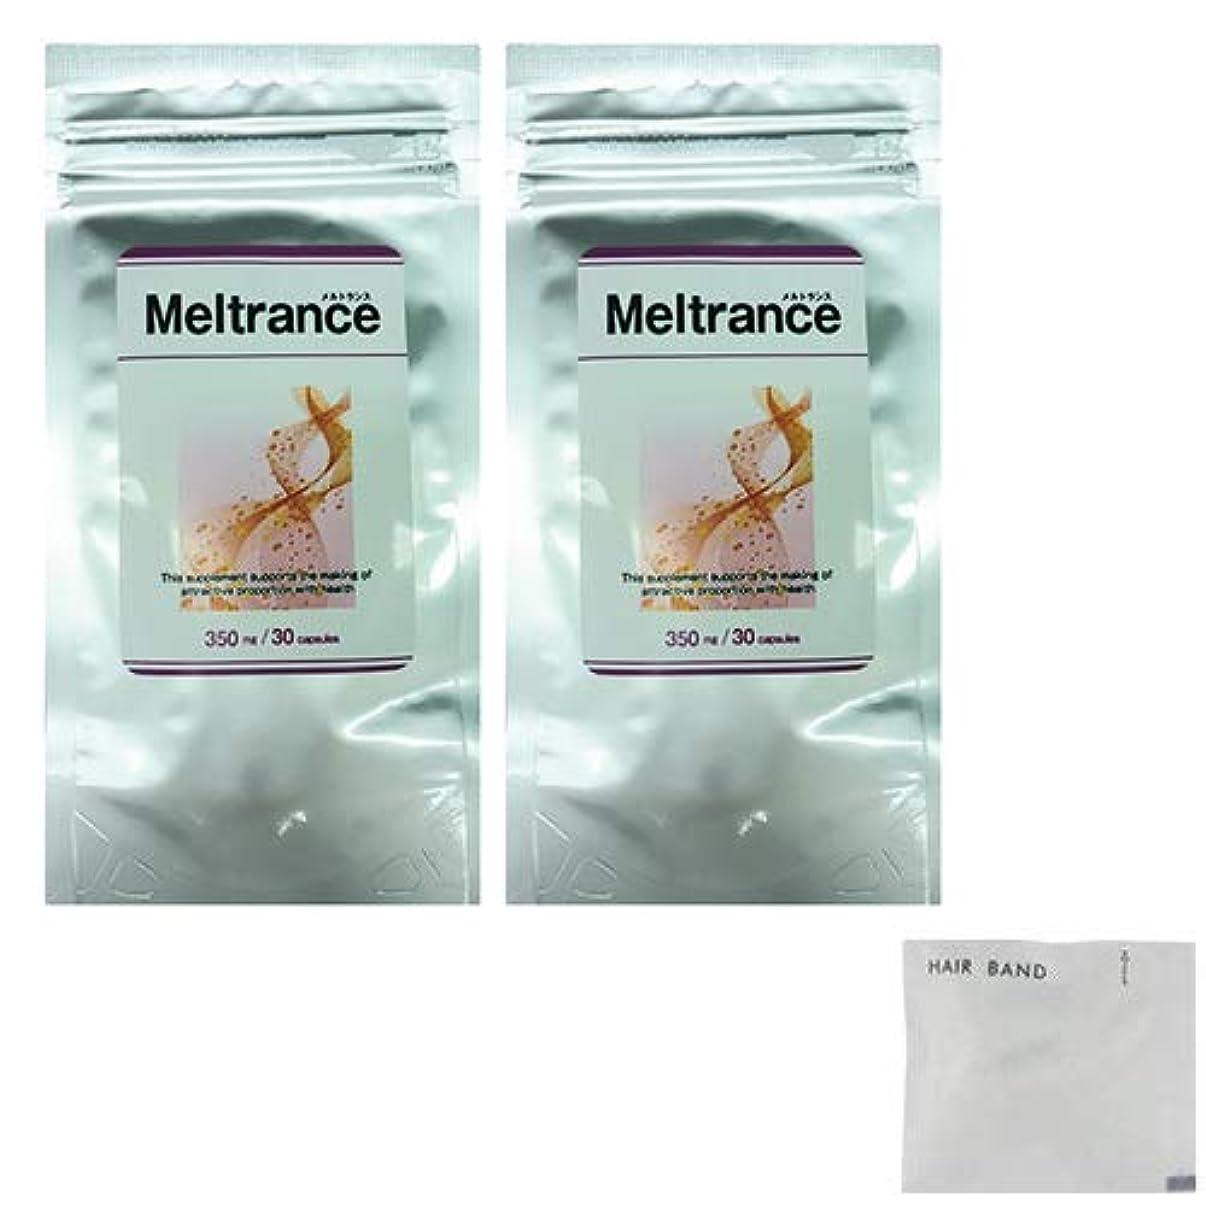 周りシリーズ花火メルトランス(Meltrance) サプリメント 30粒×2個 + ヘアゴム(カラーはおまかせ)セット